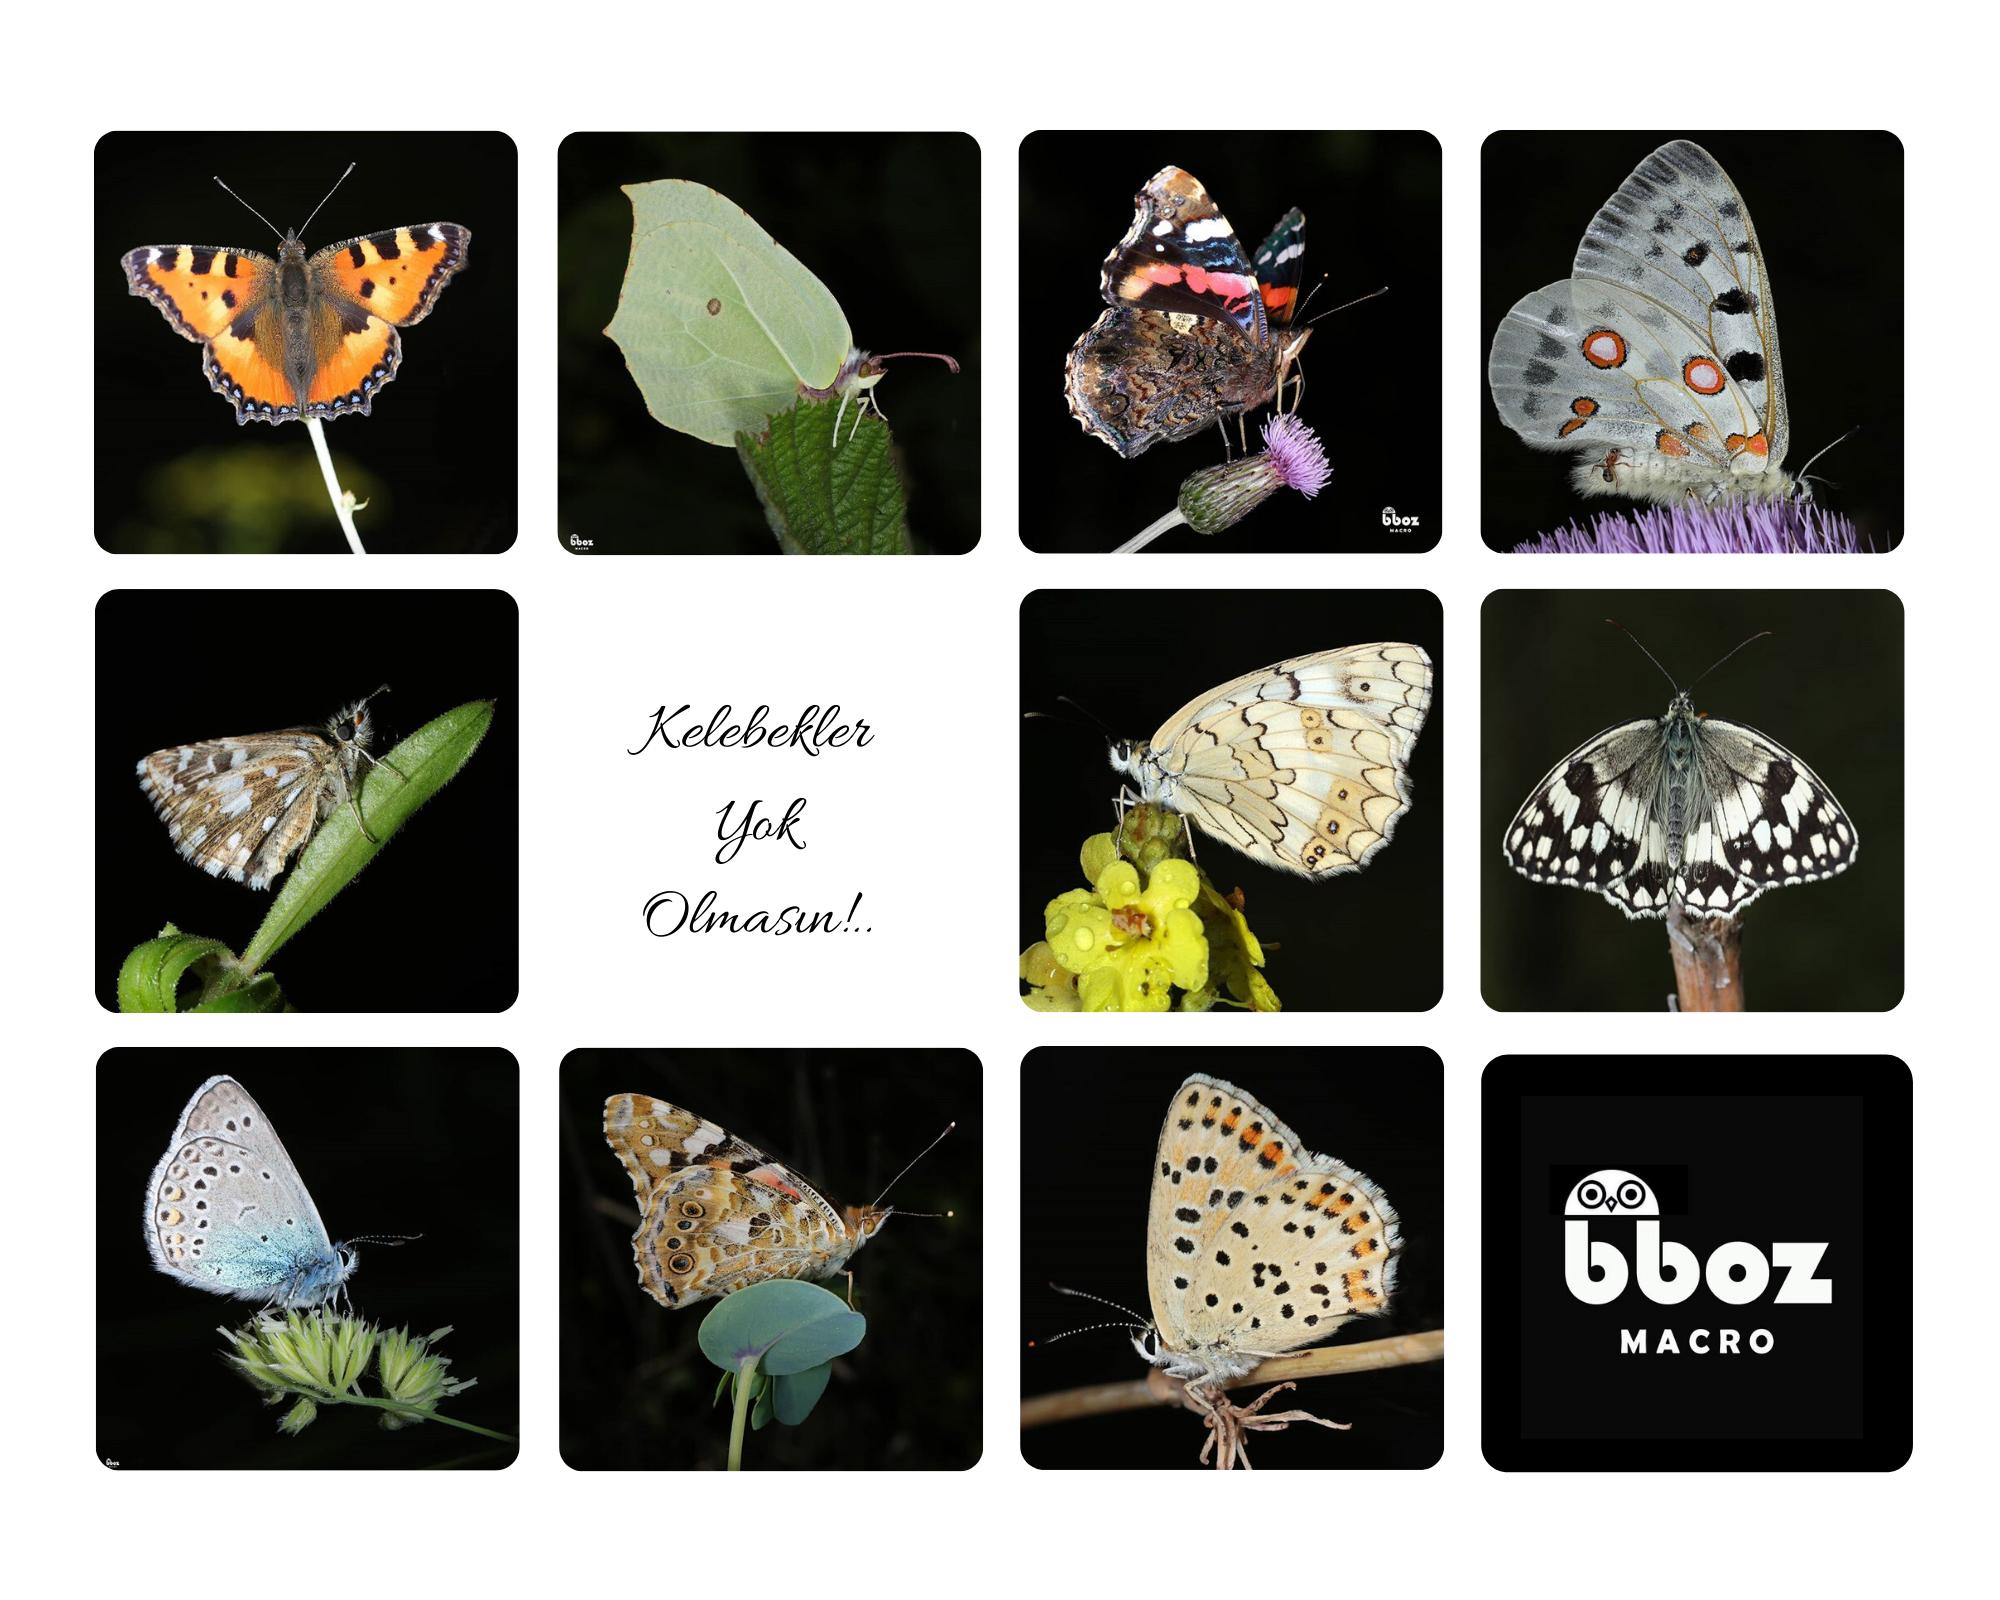 Kelebekler Yok Olmasın